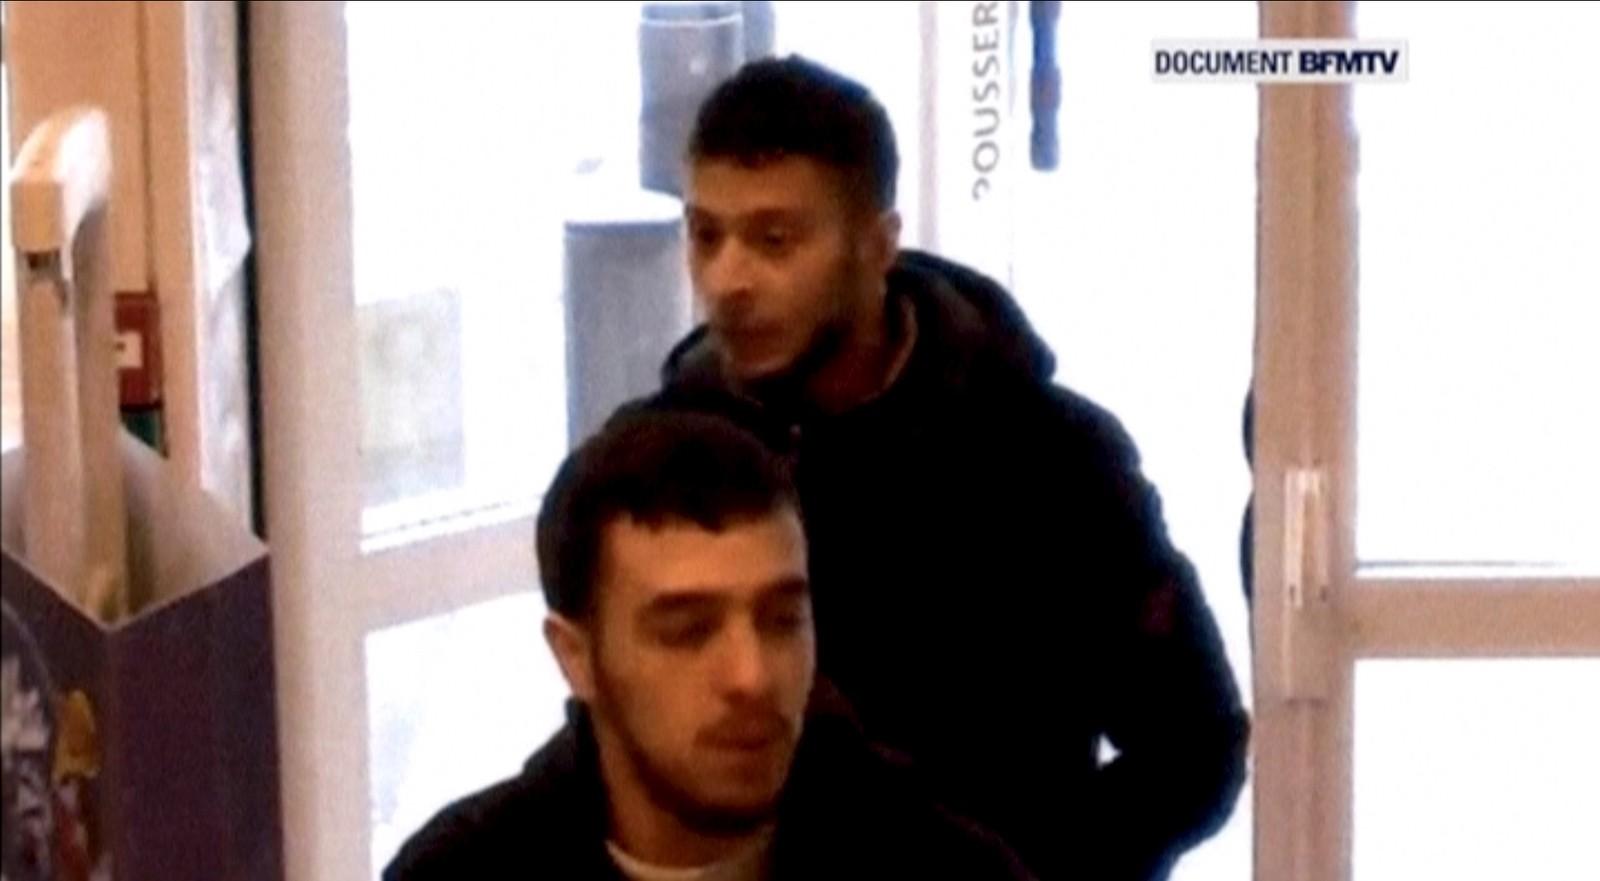 En fransk TV-kanal har fått tak i overvåkingsbilder av den ettersøkte Salah Abdeslam på flukt etter angrepene i Paris i november. Bildet er tatt på en bensinstasjon sammen med en av vennene, Hamza Attou, som kjørte ham fra Paris til Brussel etter angrepene.